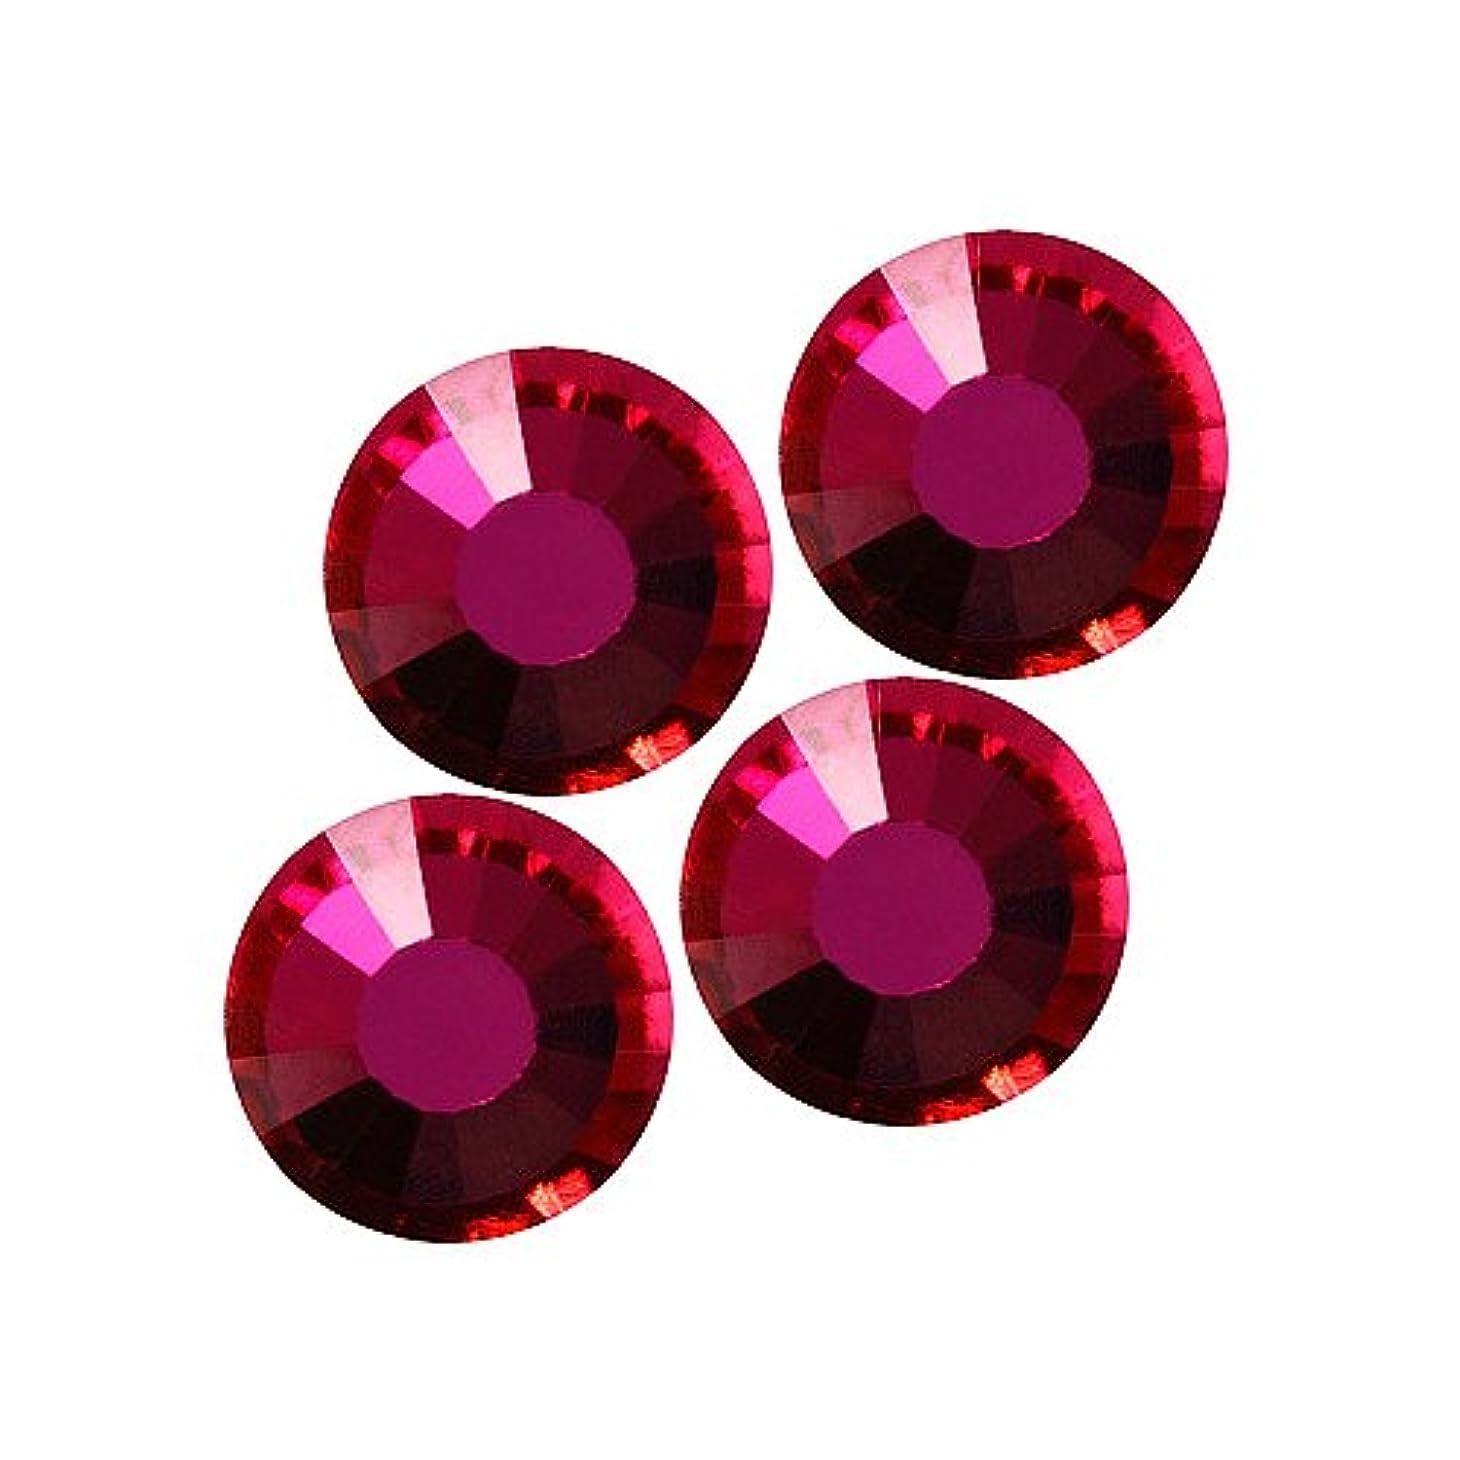 繊毛取るに足らない取得バイナル DIAMOND RHINESTONE フューシャピンク SS8 720粒 ST-SS8-FPK-5G